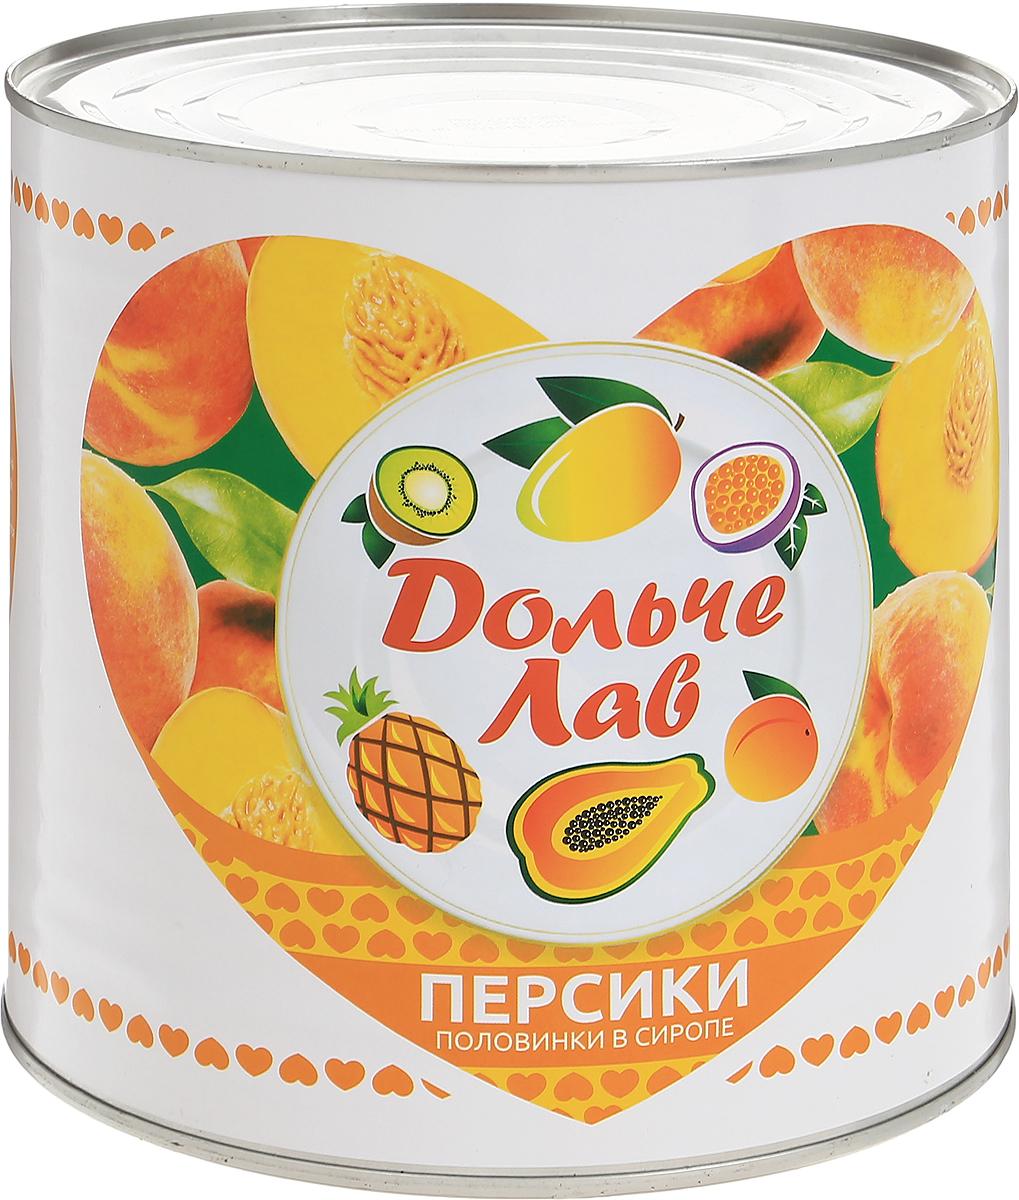 Дольче Лав персики половинками в сиропе, 2,65 л0120710Персики в легком сиропе (половинки) Дольче Лав - это вкусное лакомство, обладающее не только высокой питательной ценностью, но и некоторыми полезными свойствами свежих плодов. Несмотря на консервацию в сахарном сиропе, персики обладают крайне низкой калорийностью, быстро насыщают и совсем не вредят фигуре. В состав входят только отборные персики, собранные на пике зрелости, и натуральный персиковый сок.